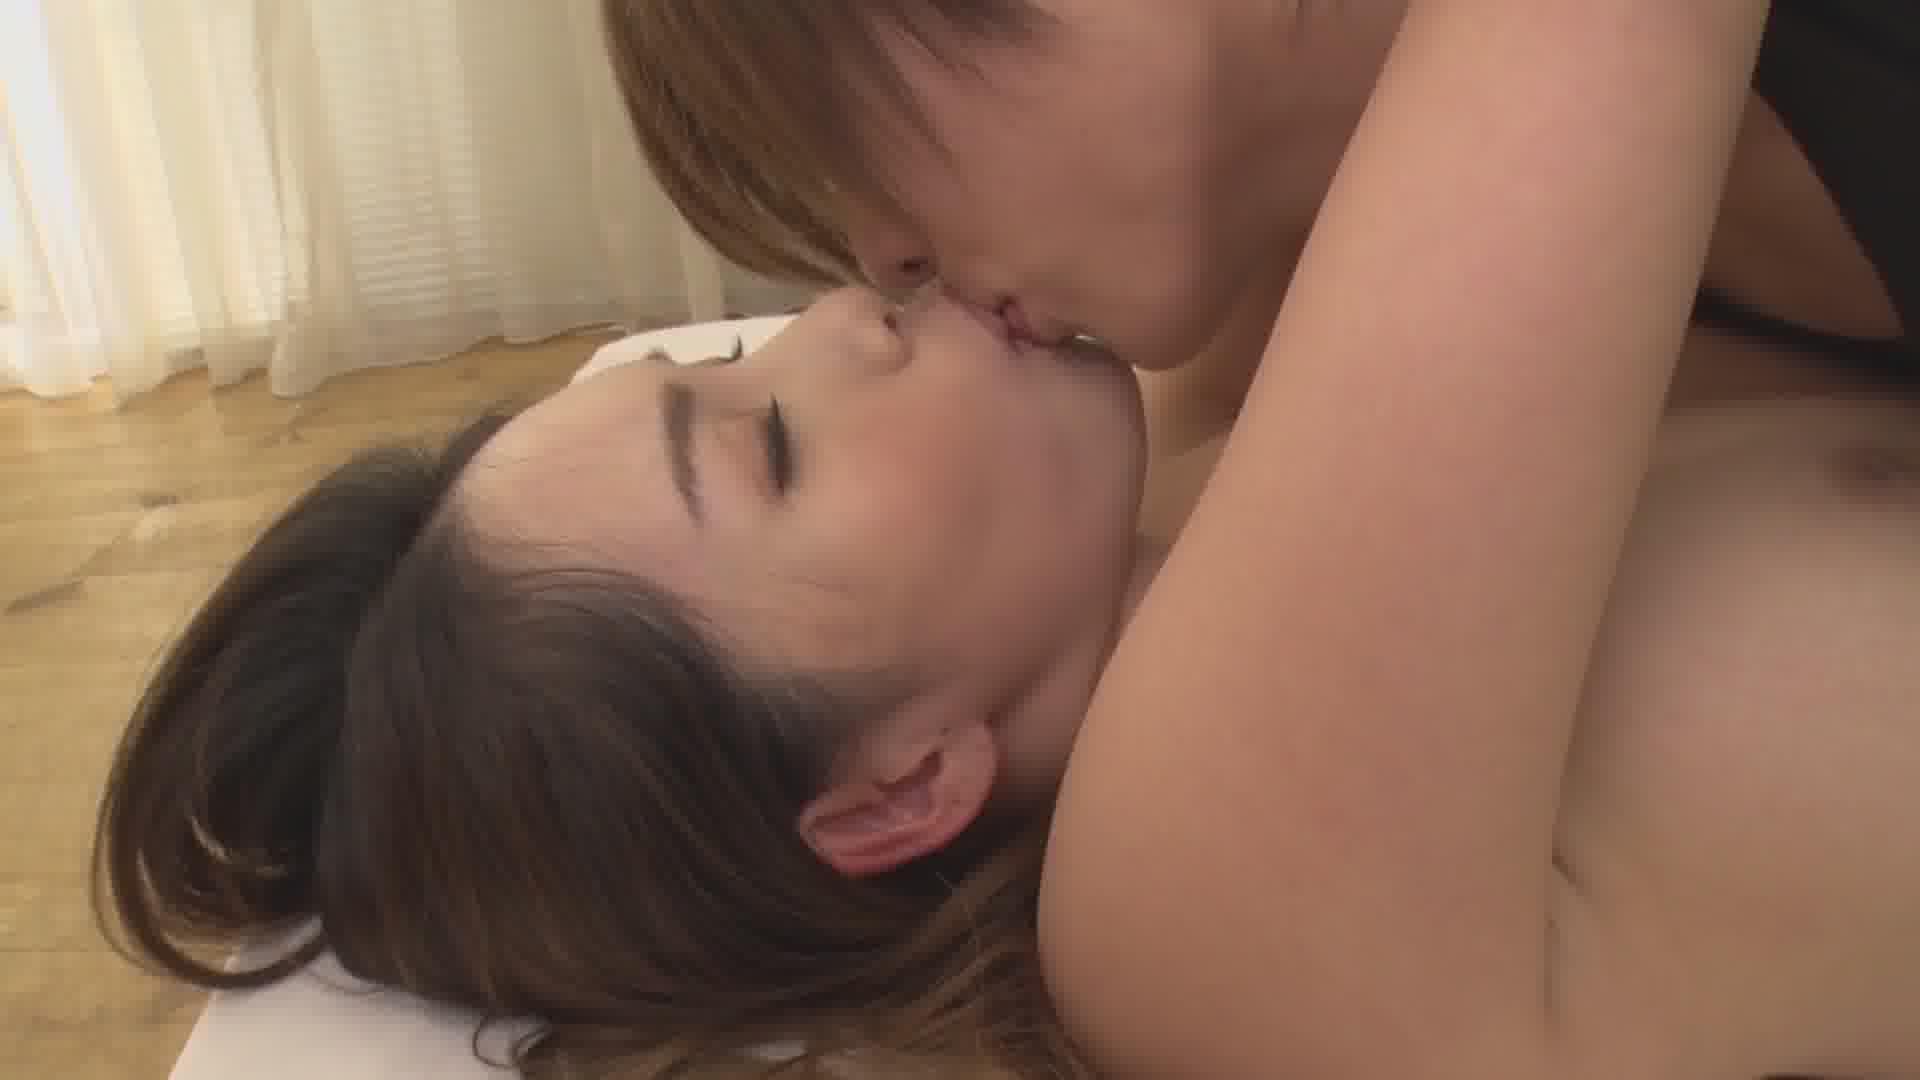 恍惚 ~柔らかおっぱいと情熱のセックス~ - 上山奈々【巨乳・パイズリ・初裏】